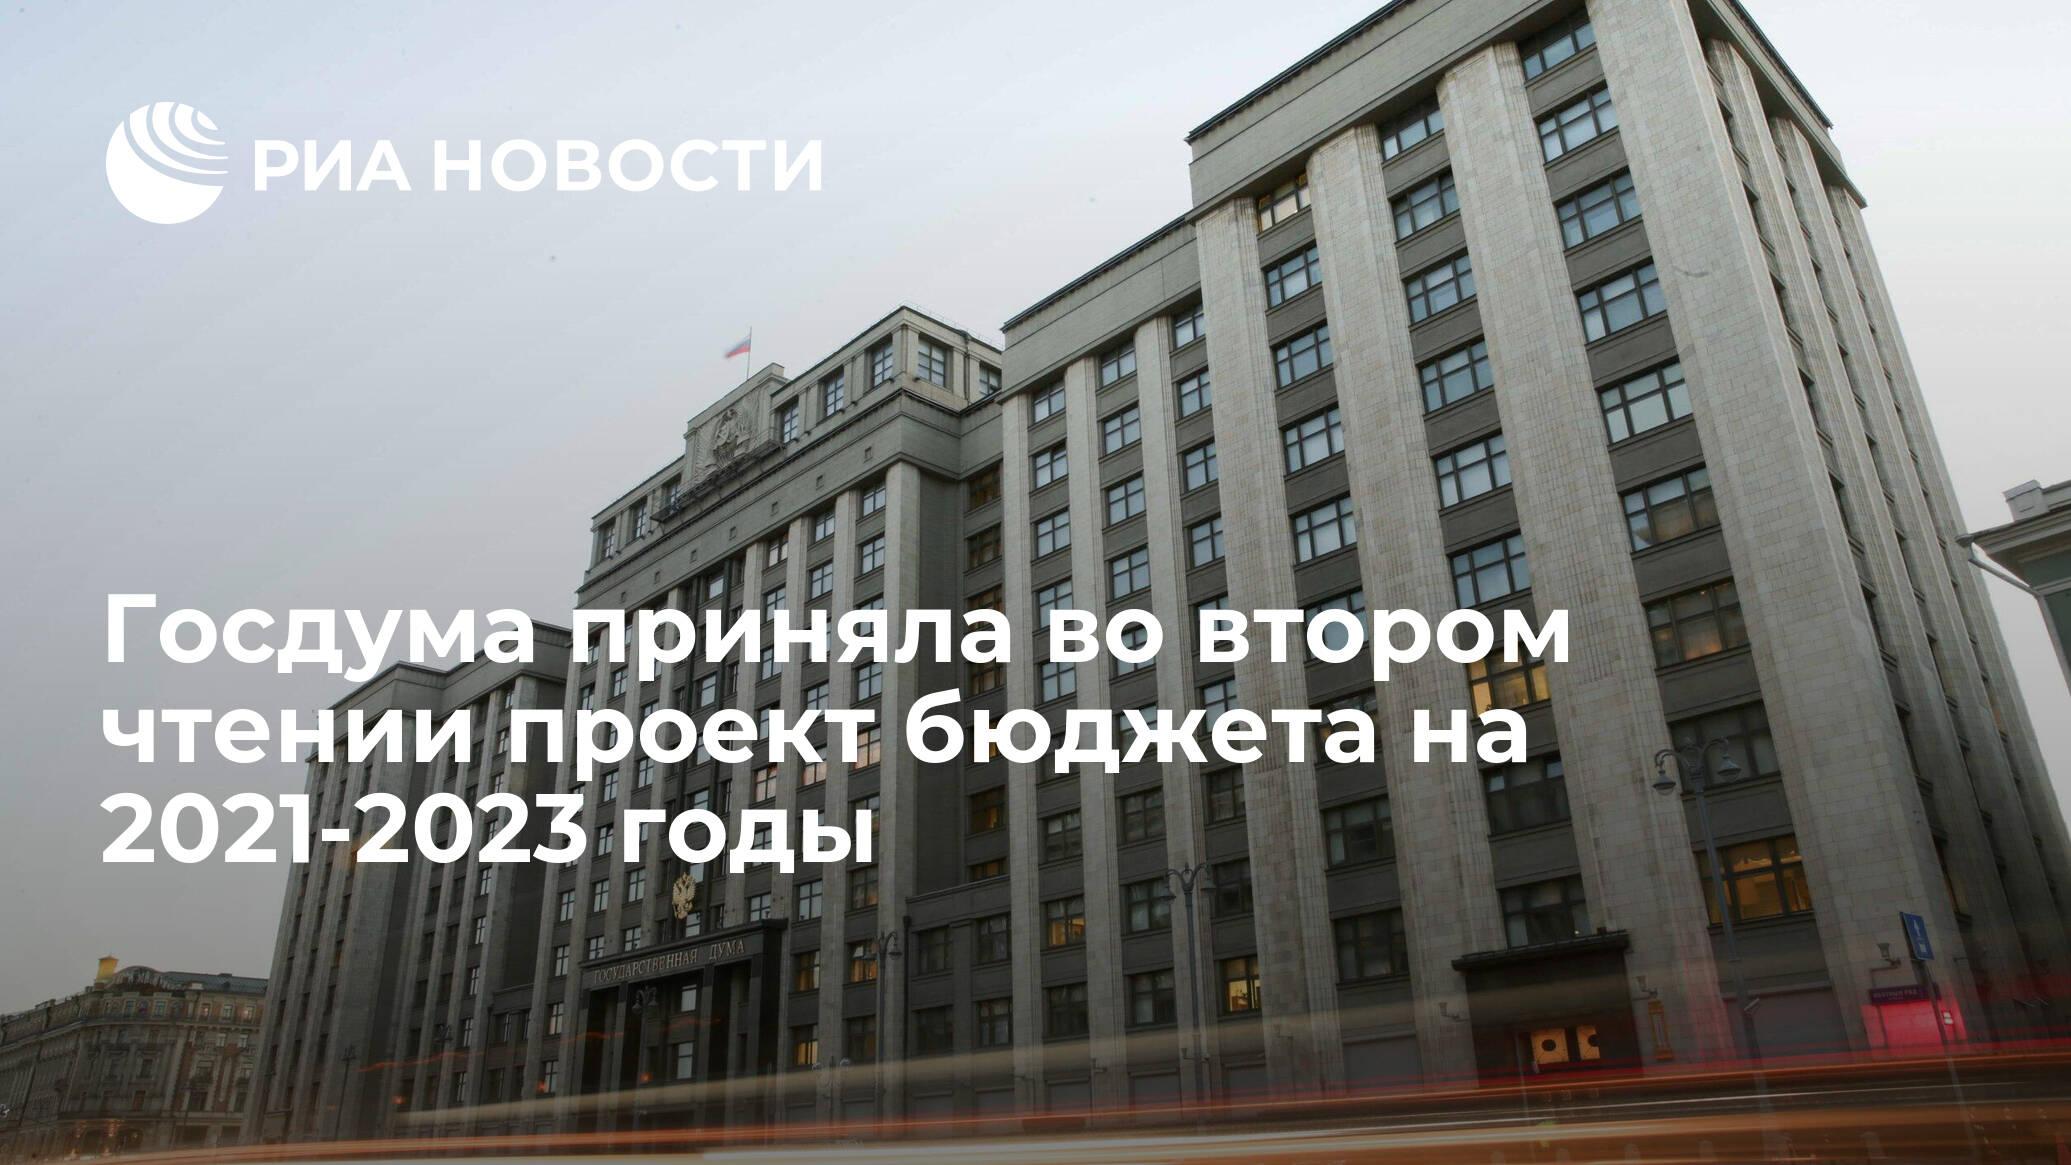 Госдума приняла во втором чтении проект бюджета на 2021-2023 годы